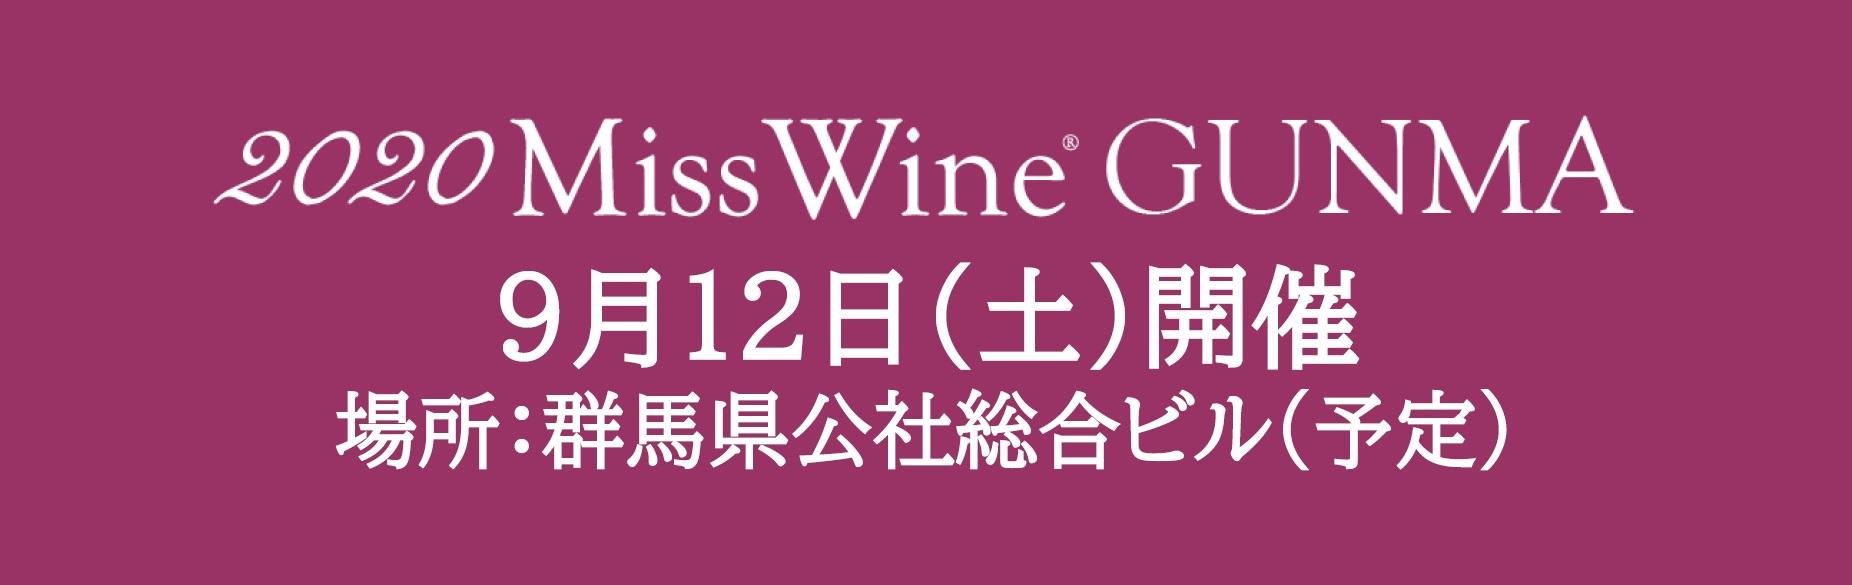 ミス・ワイン群馬大会開催決定